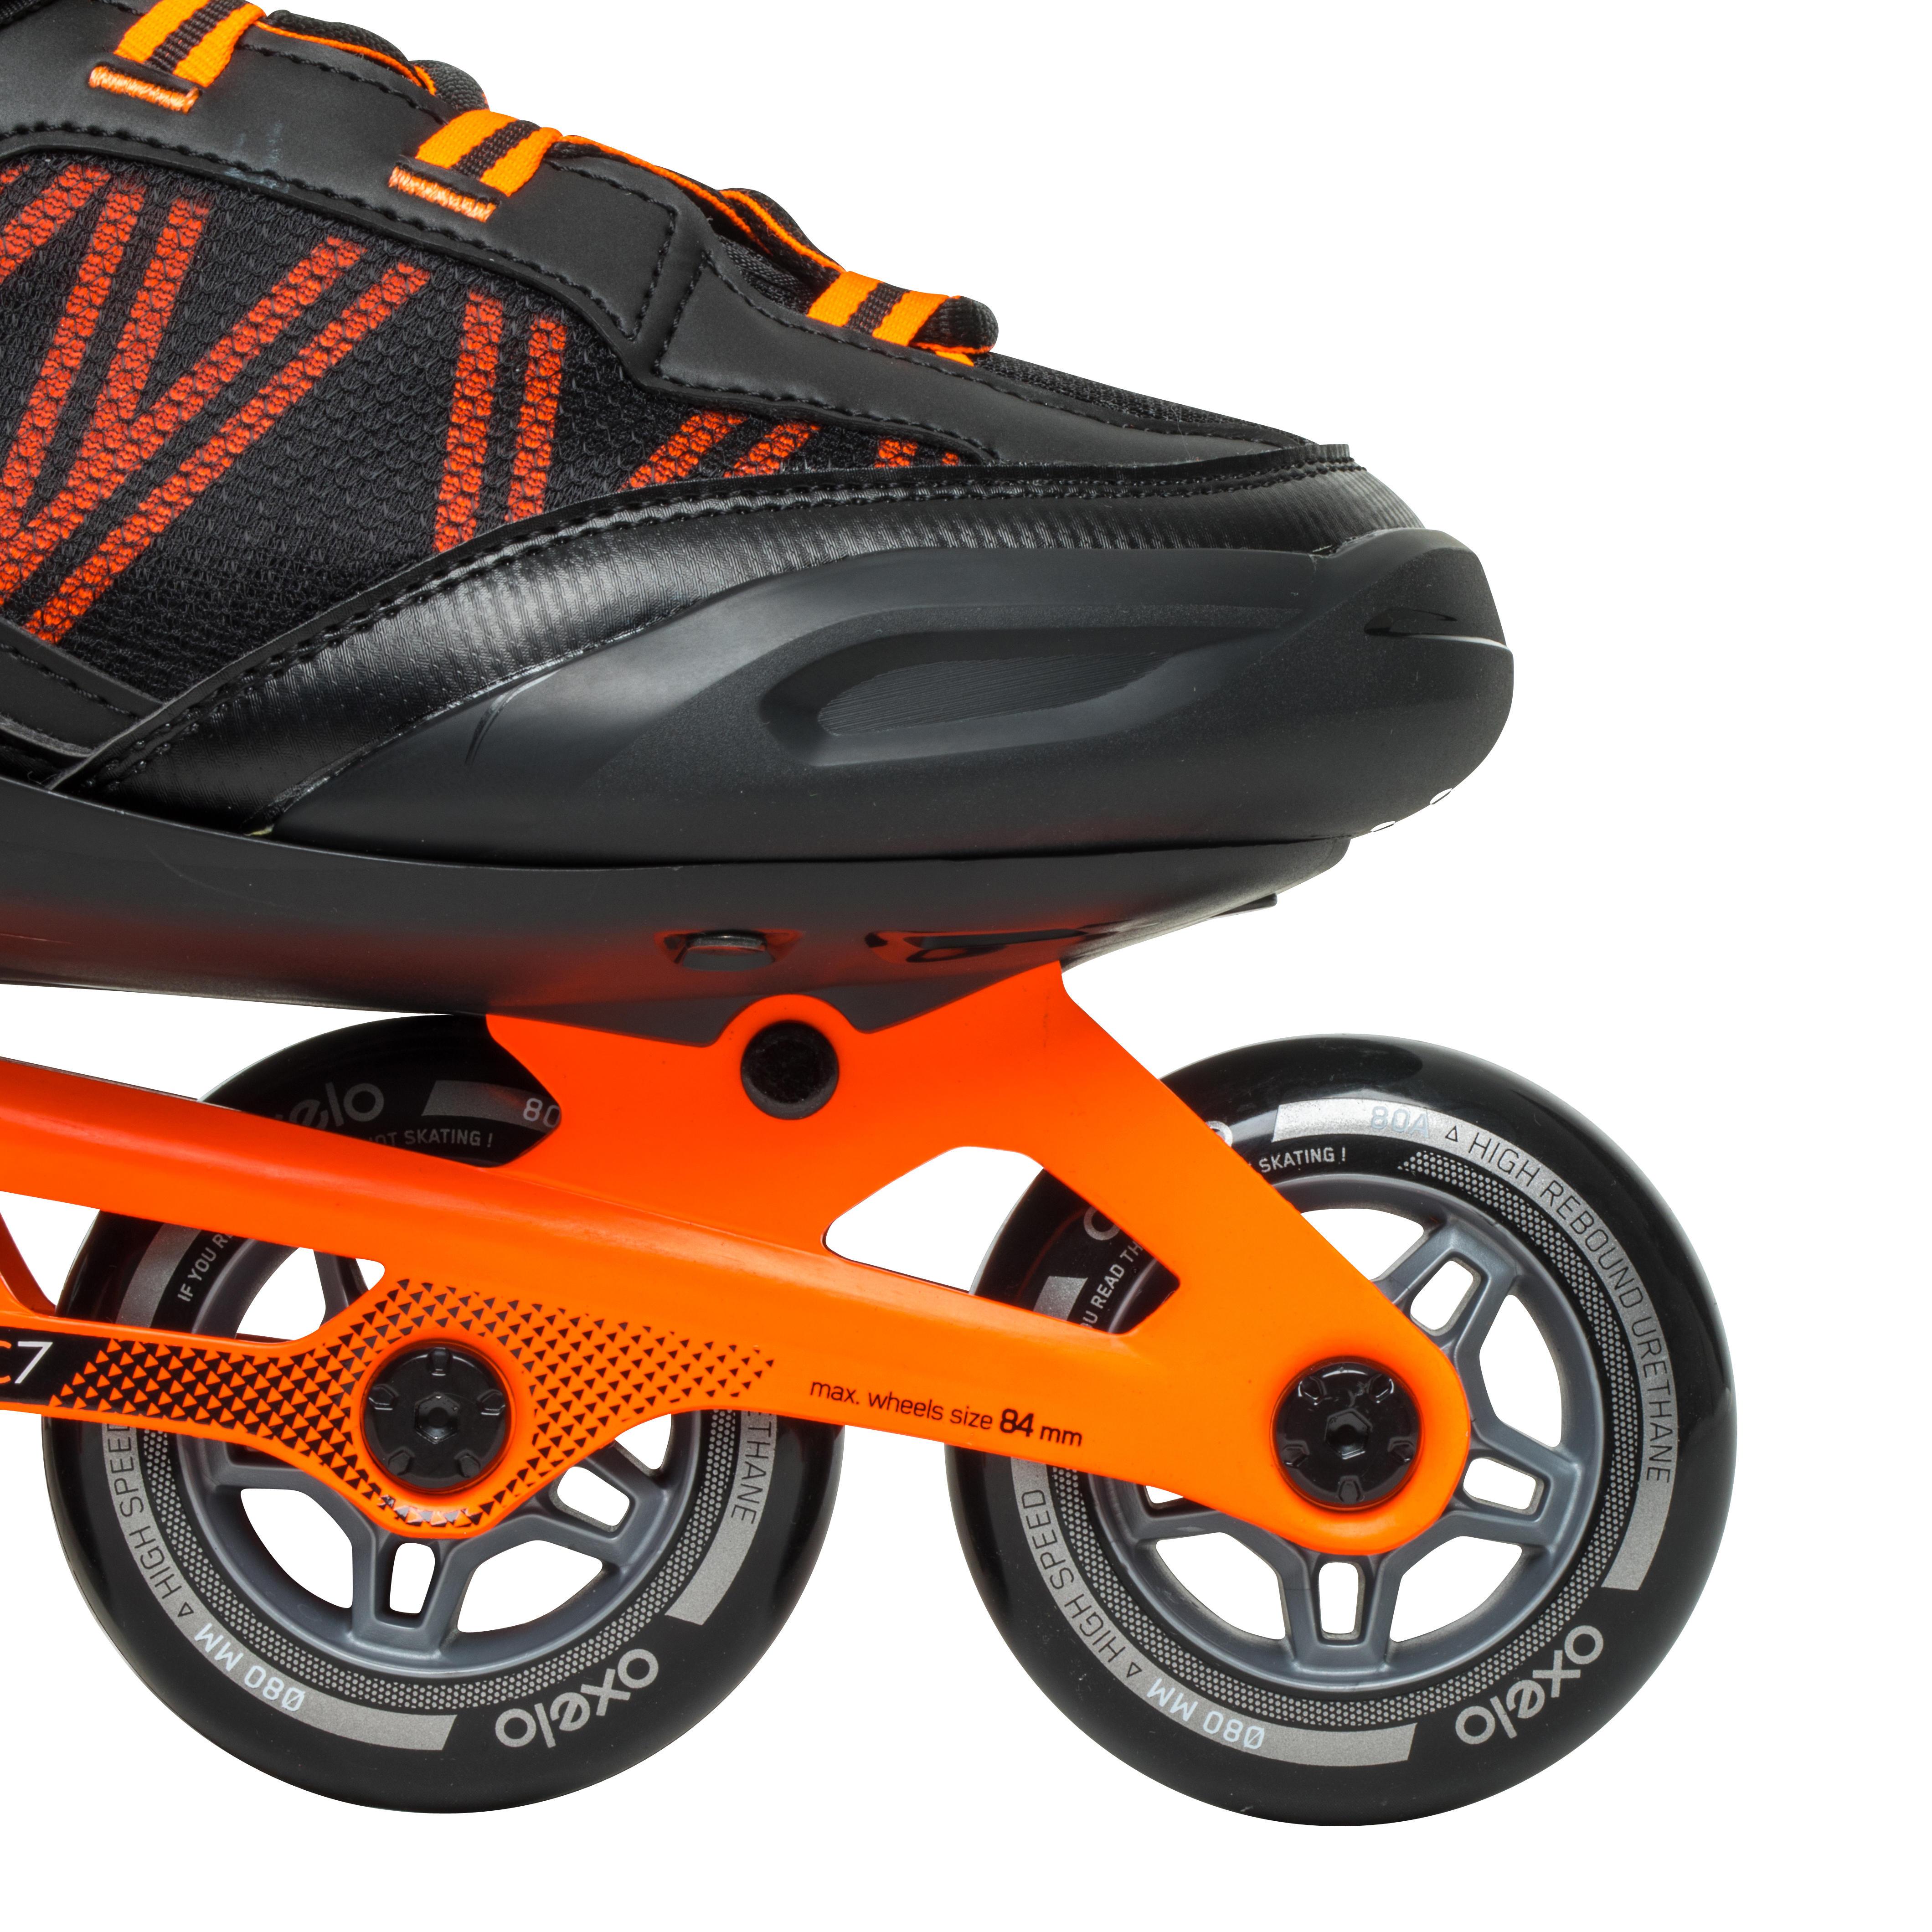 Patins à roues alignées pour homme FIT500 acide orange